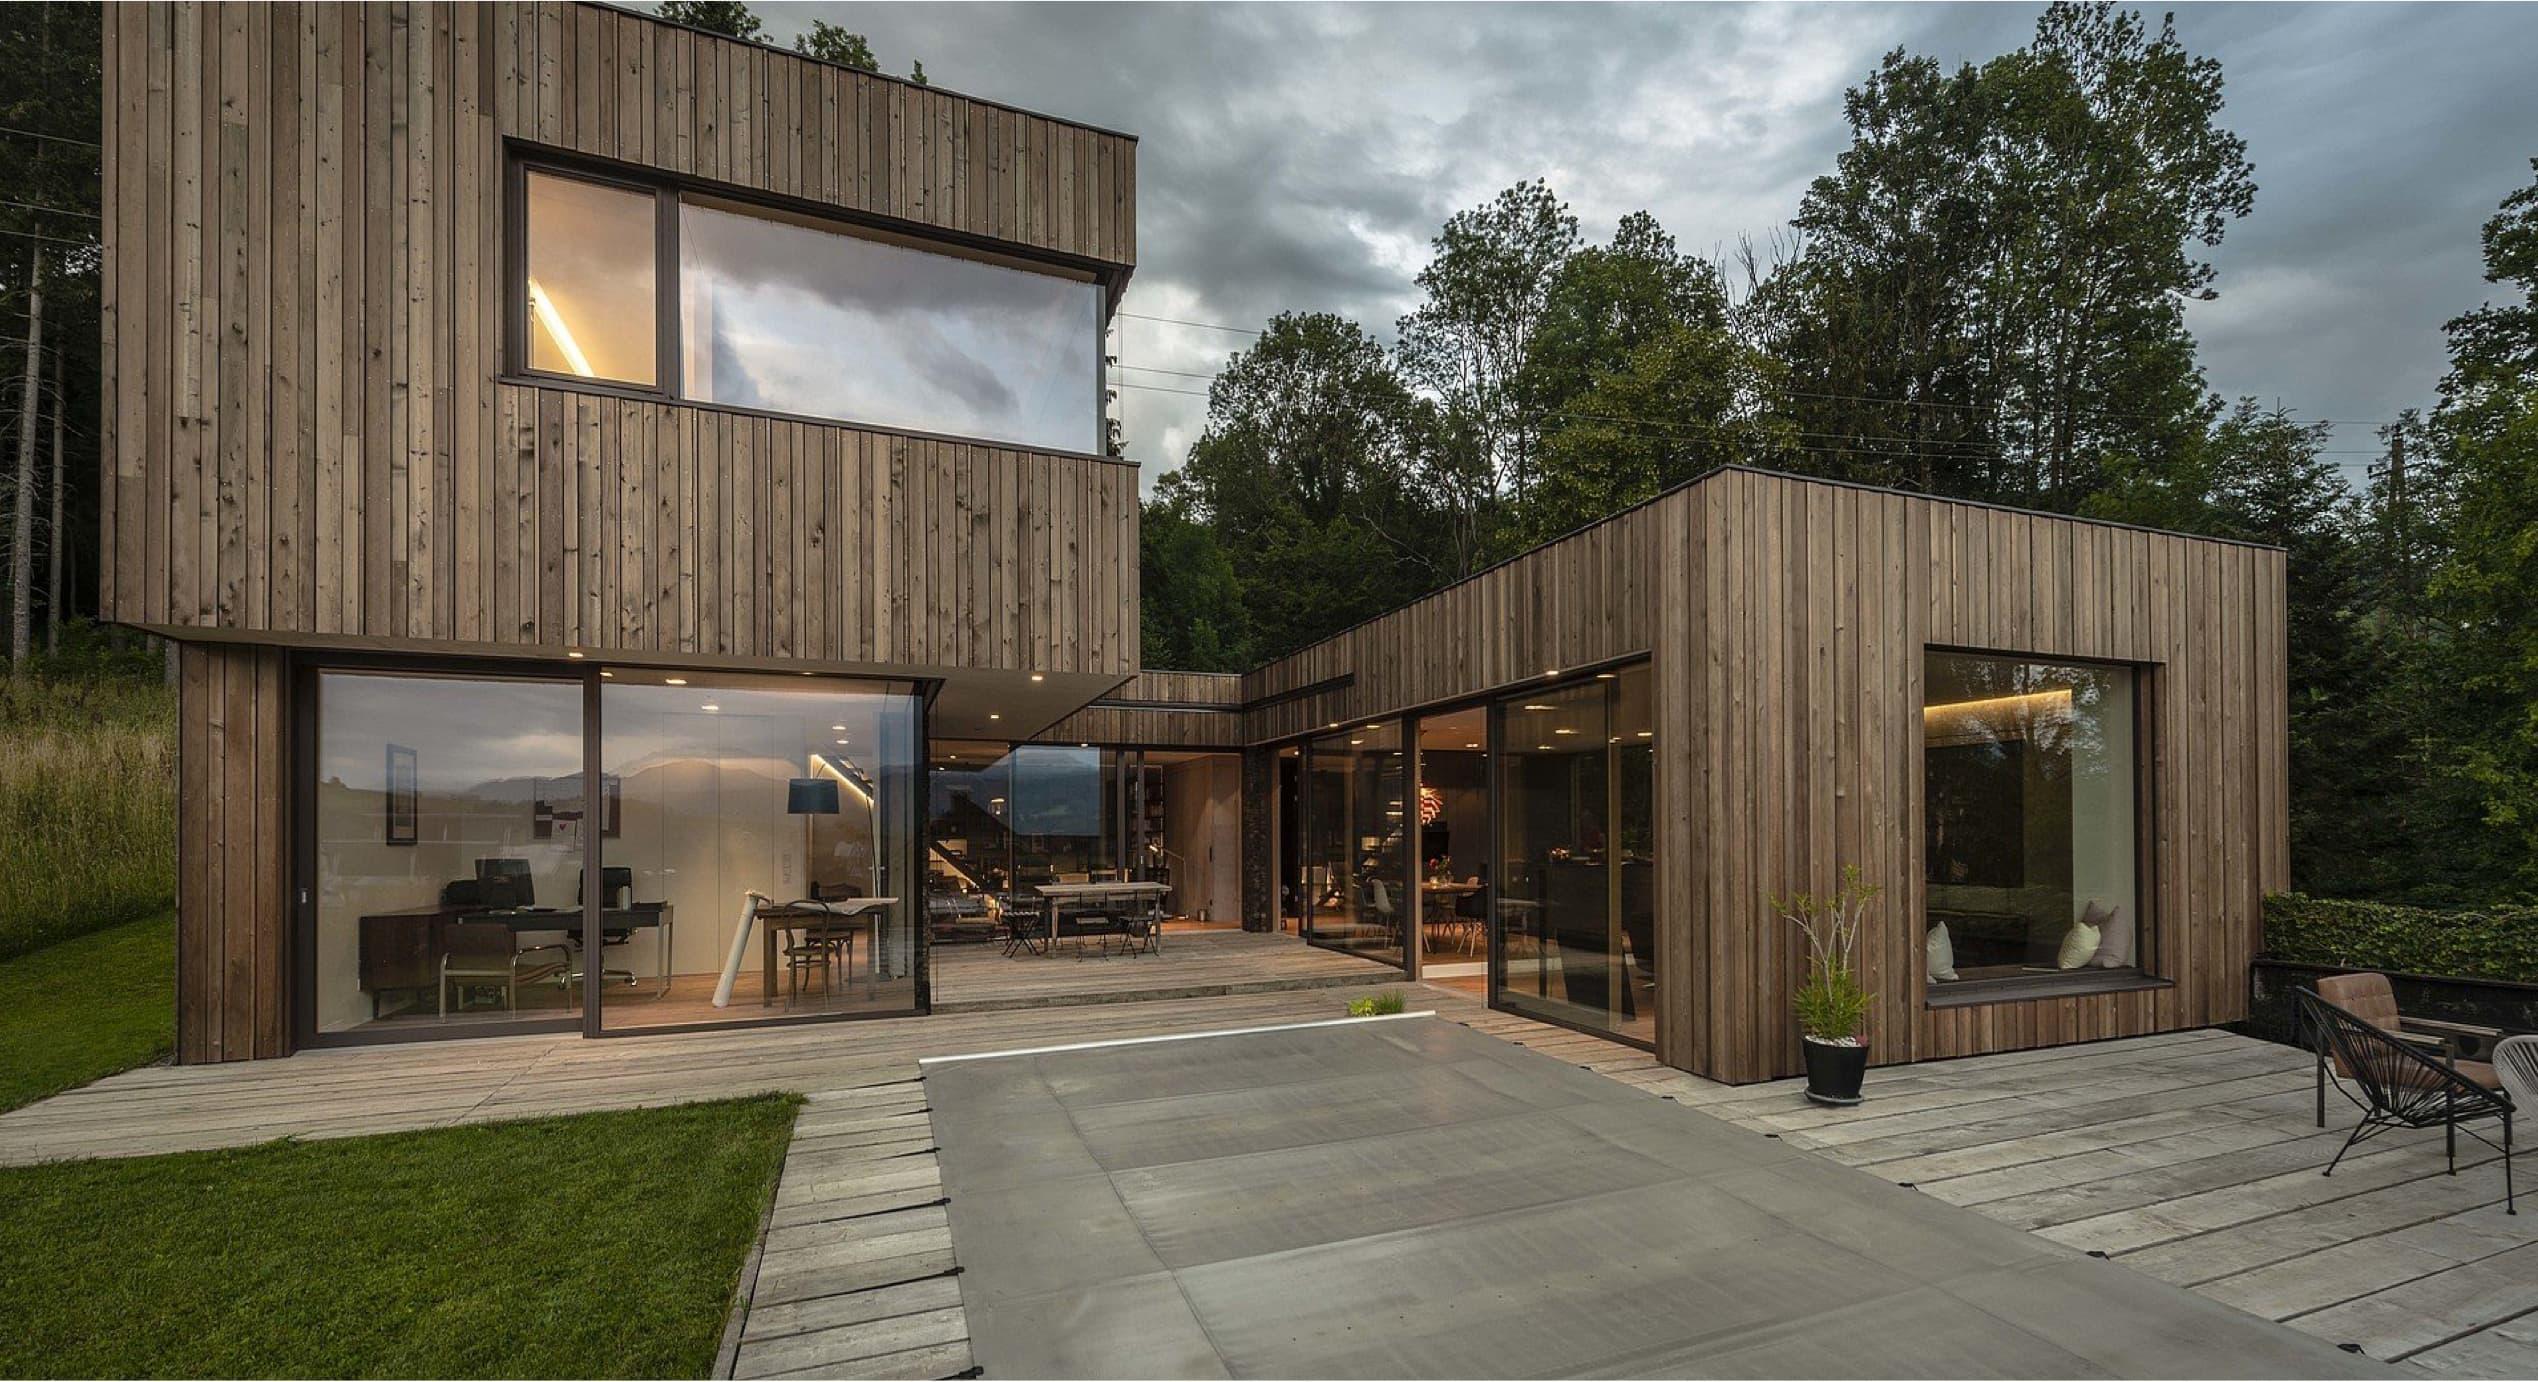 Fenster kaufen   Fenstermontage - Eilmannsberger Rohrbach